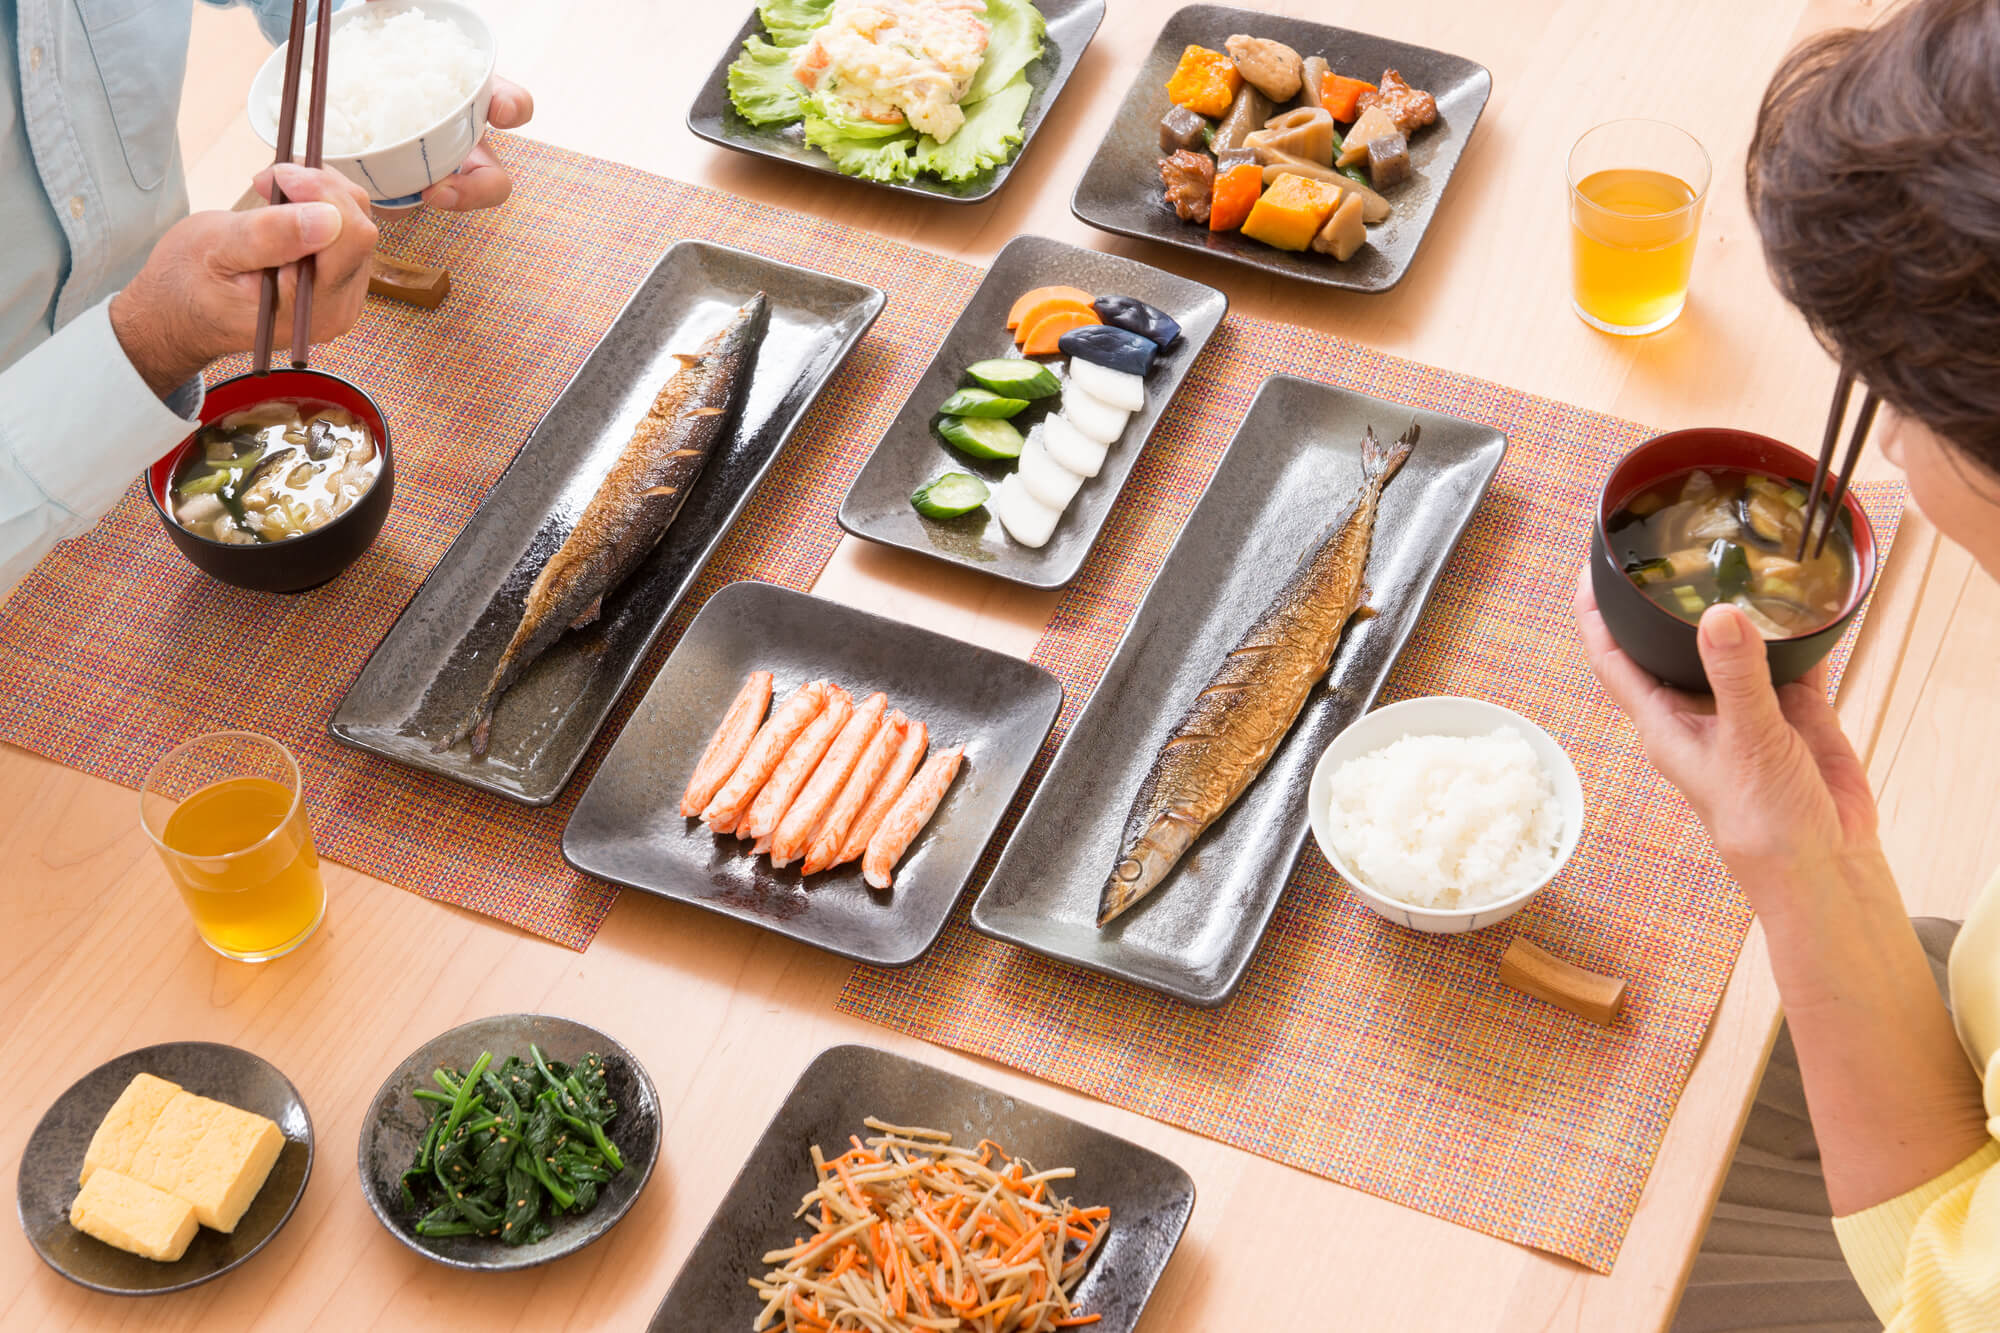 炒め物でサッと簡単レシピ!イヌリンが豊富な菊芋で健康体に